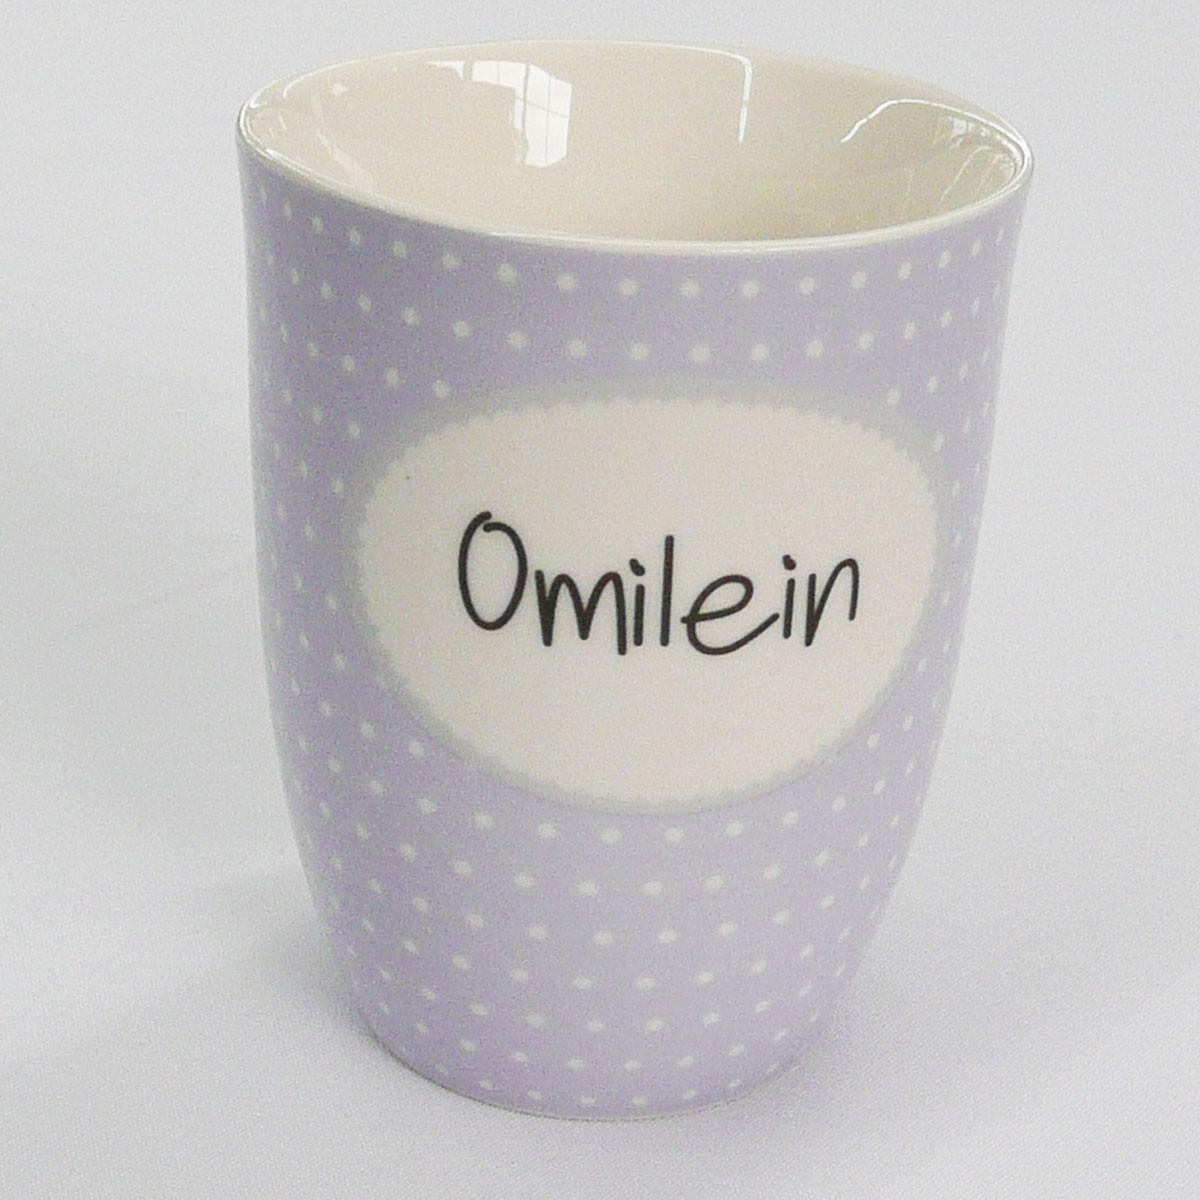 mea living kaffee tasse becher mit spruch omilein wohnen kochen und genie en geschirr gl ser. Black Bedroom Furniture Sets. Home Design Ideas